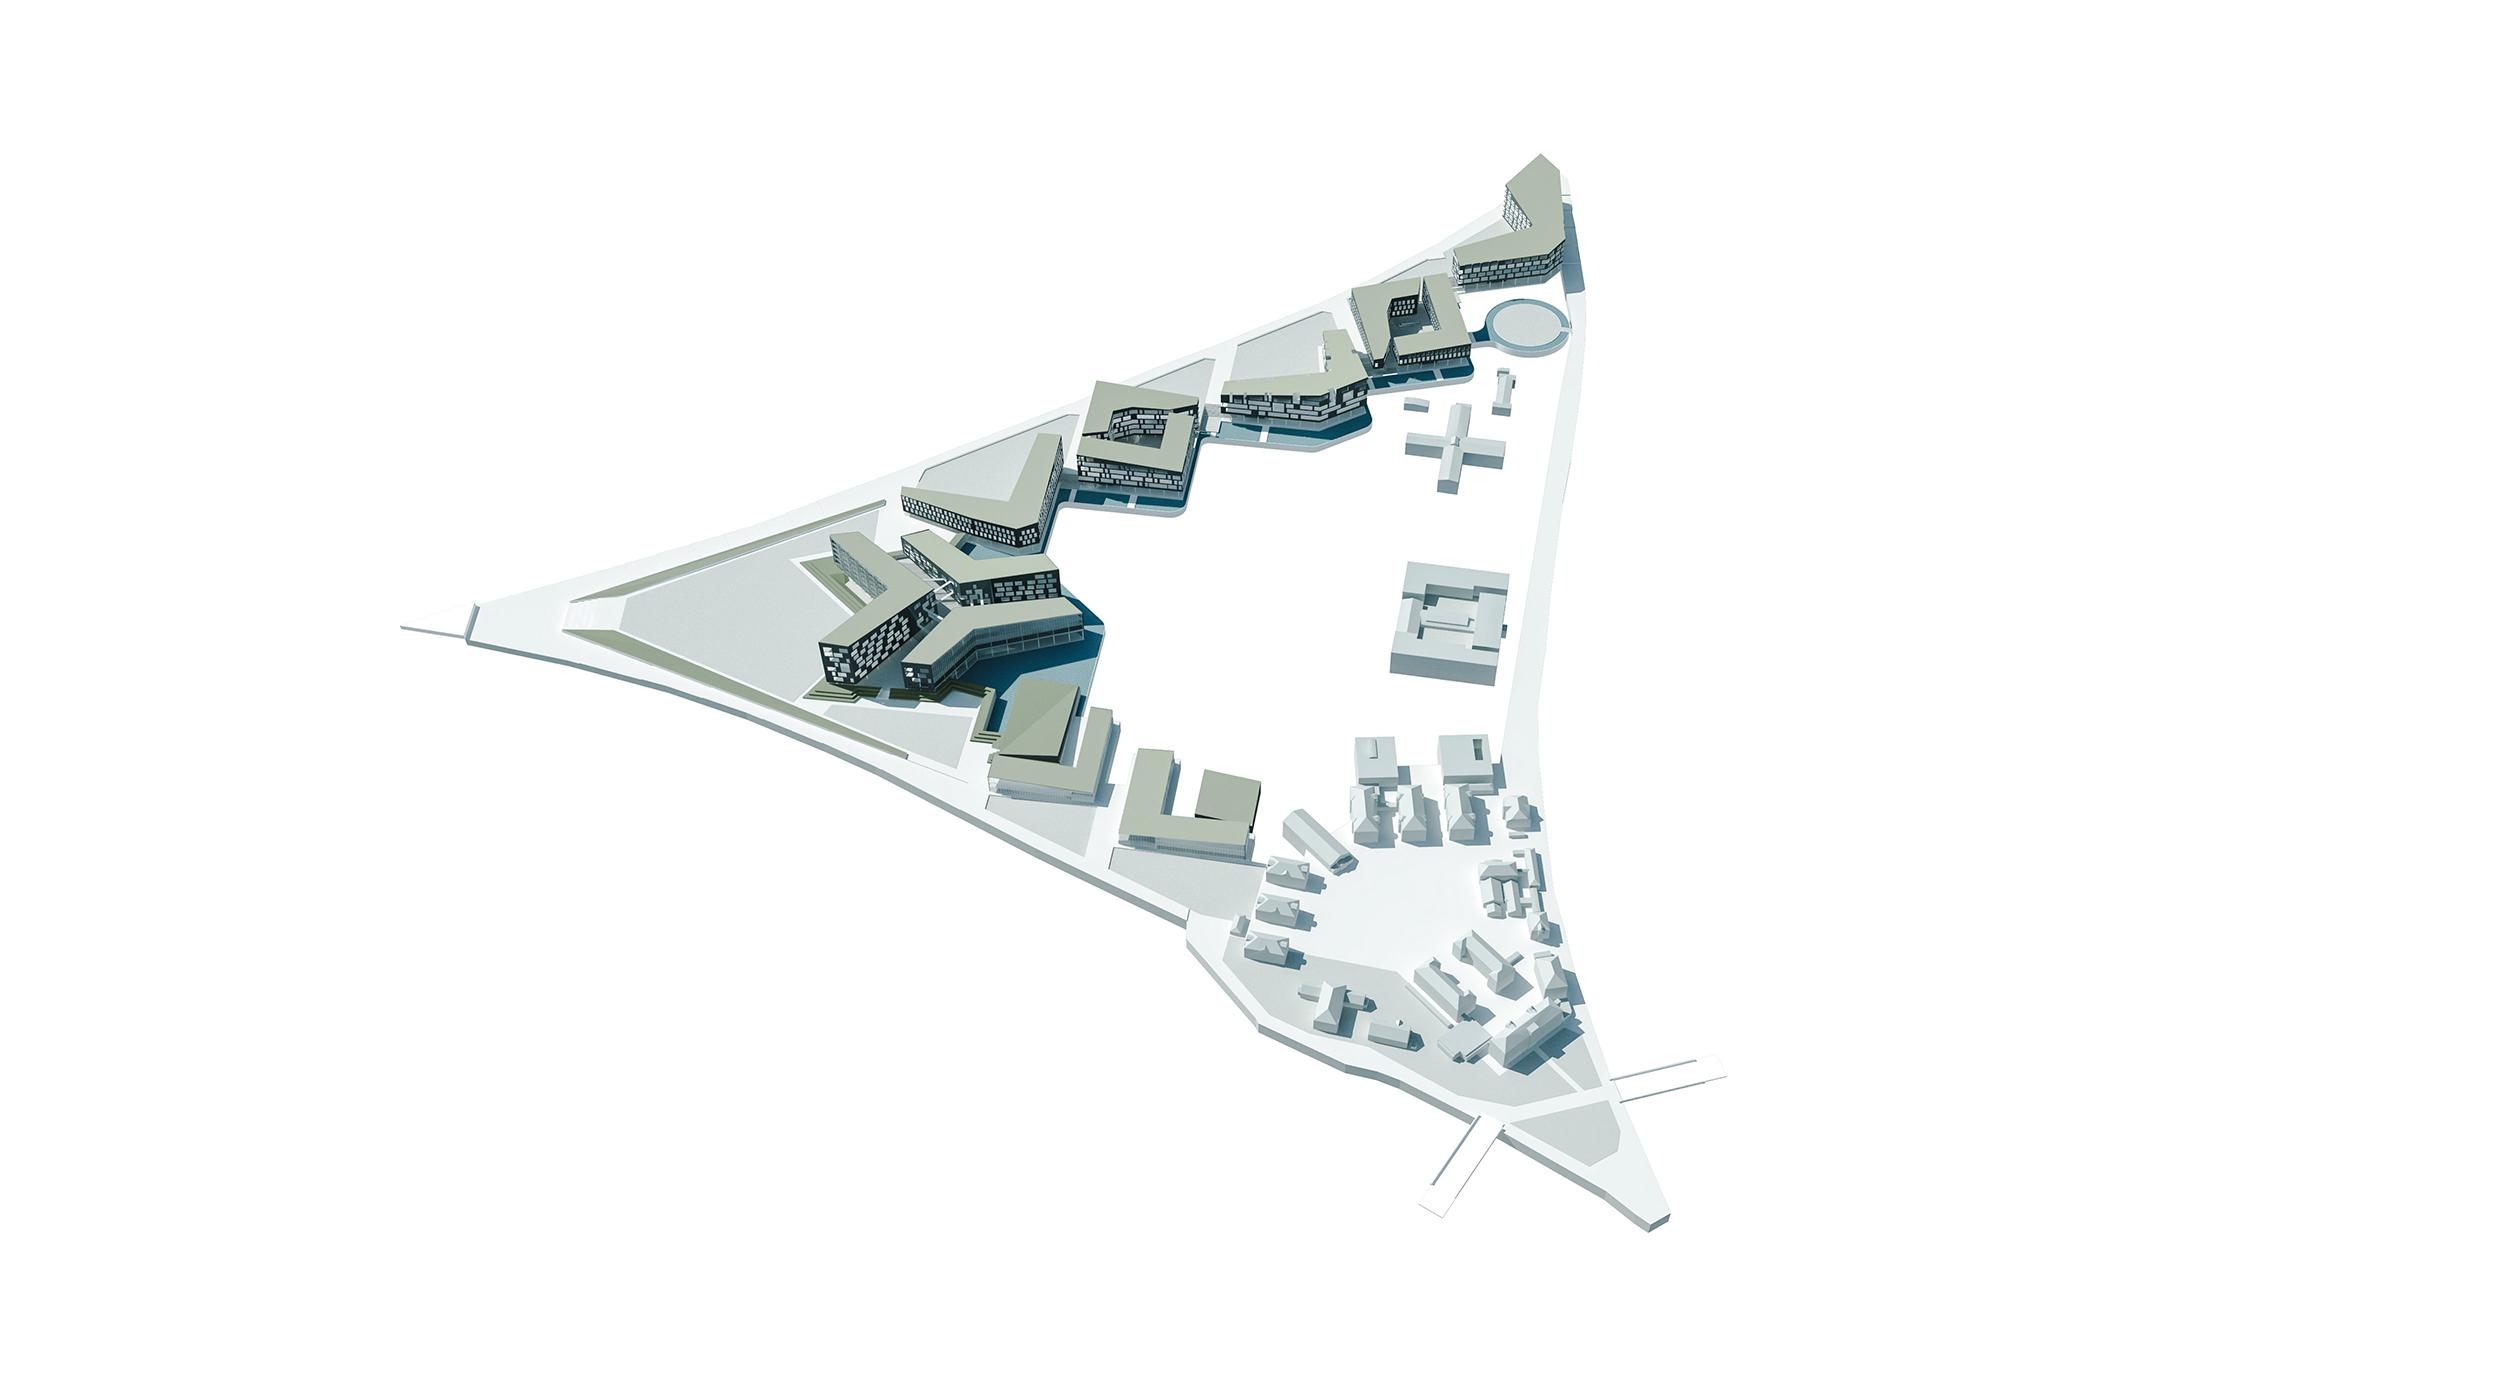 dw-svanemollen-diagram-aerial-2500px.jpg